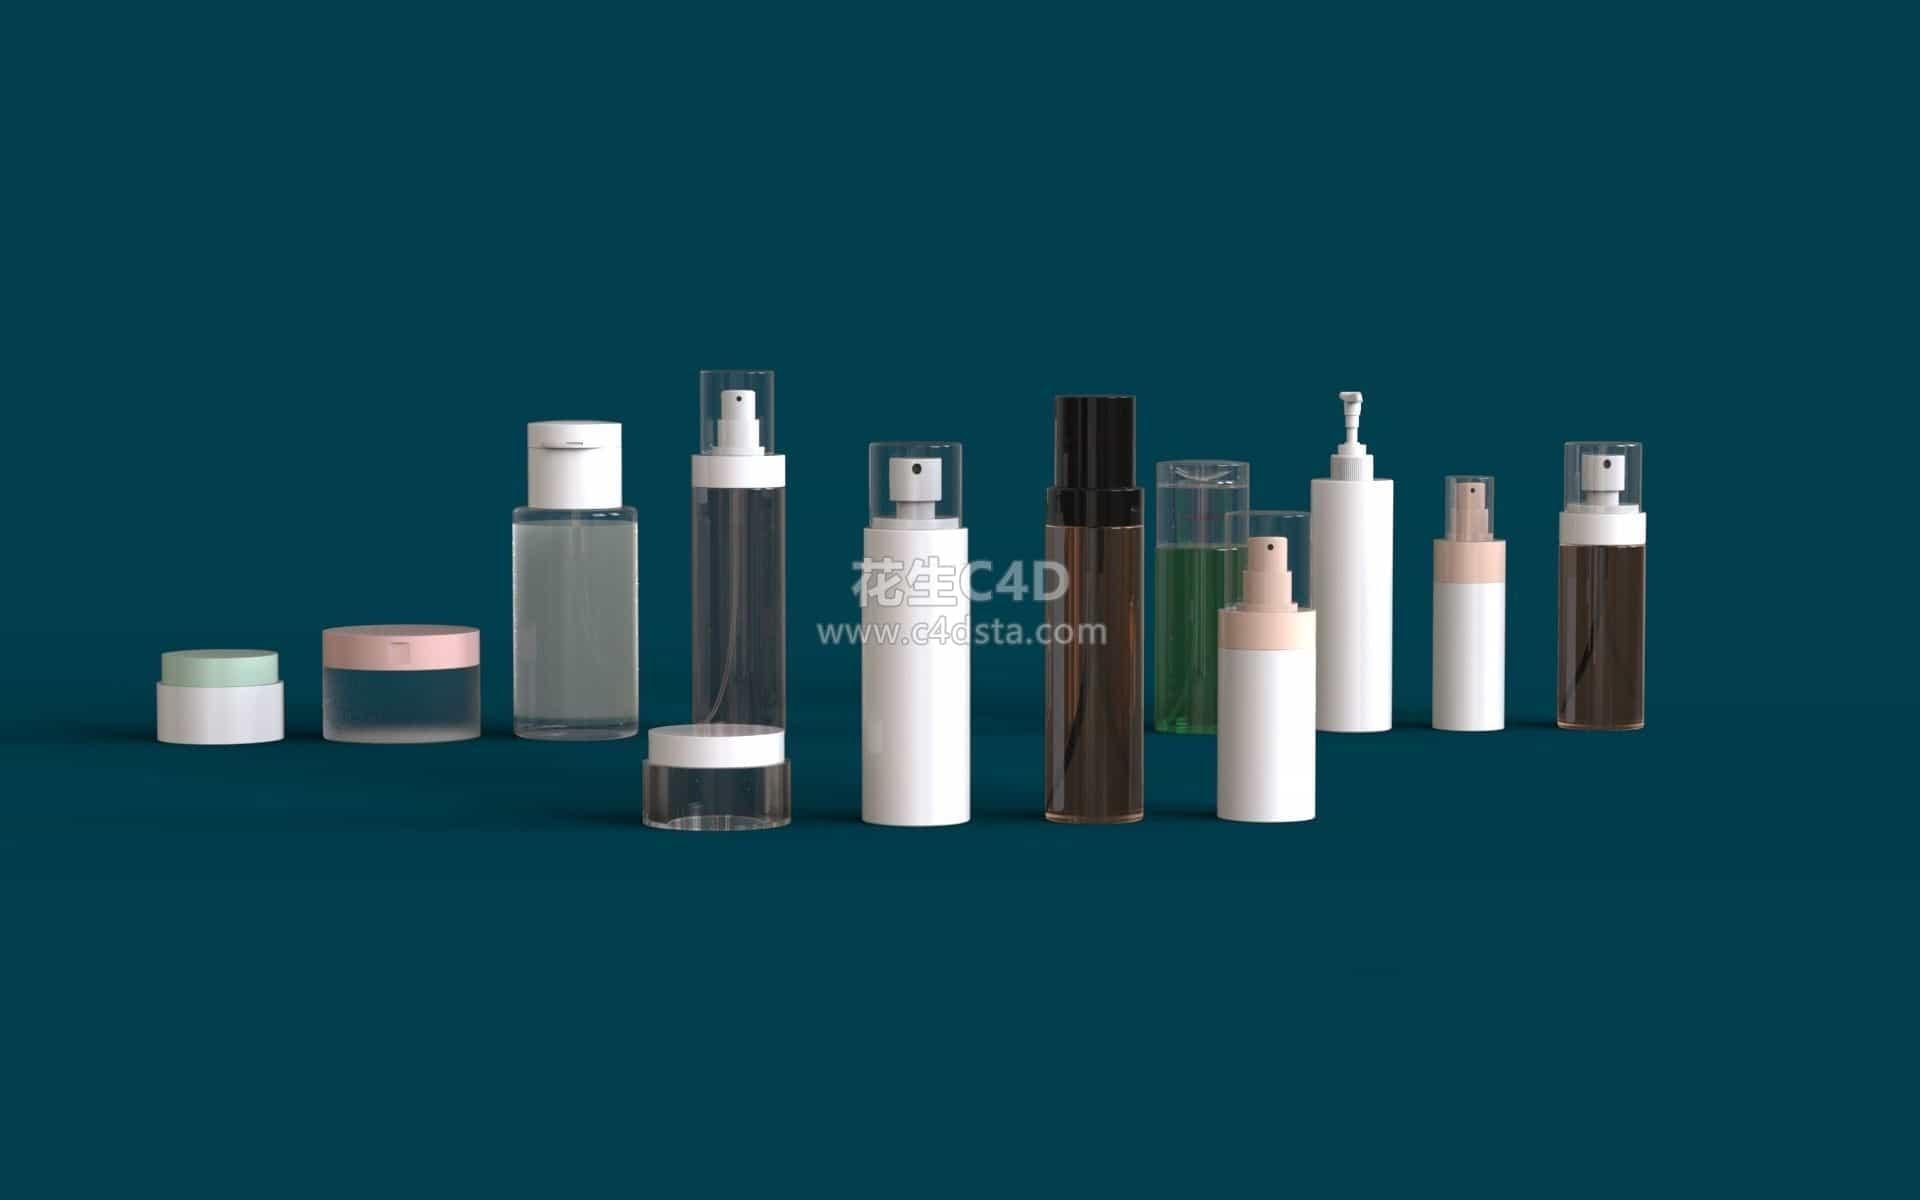 三维模型-化妆品瓶子按压喷雾小瓶子模型 626CG资源站